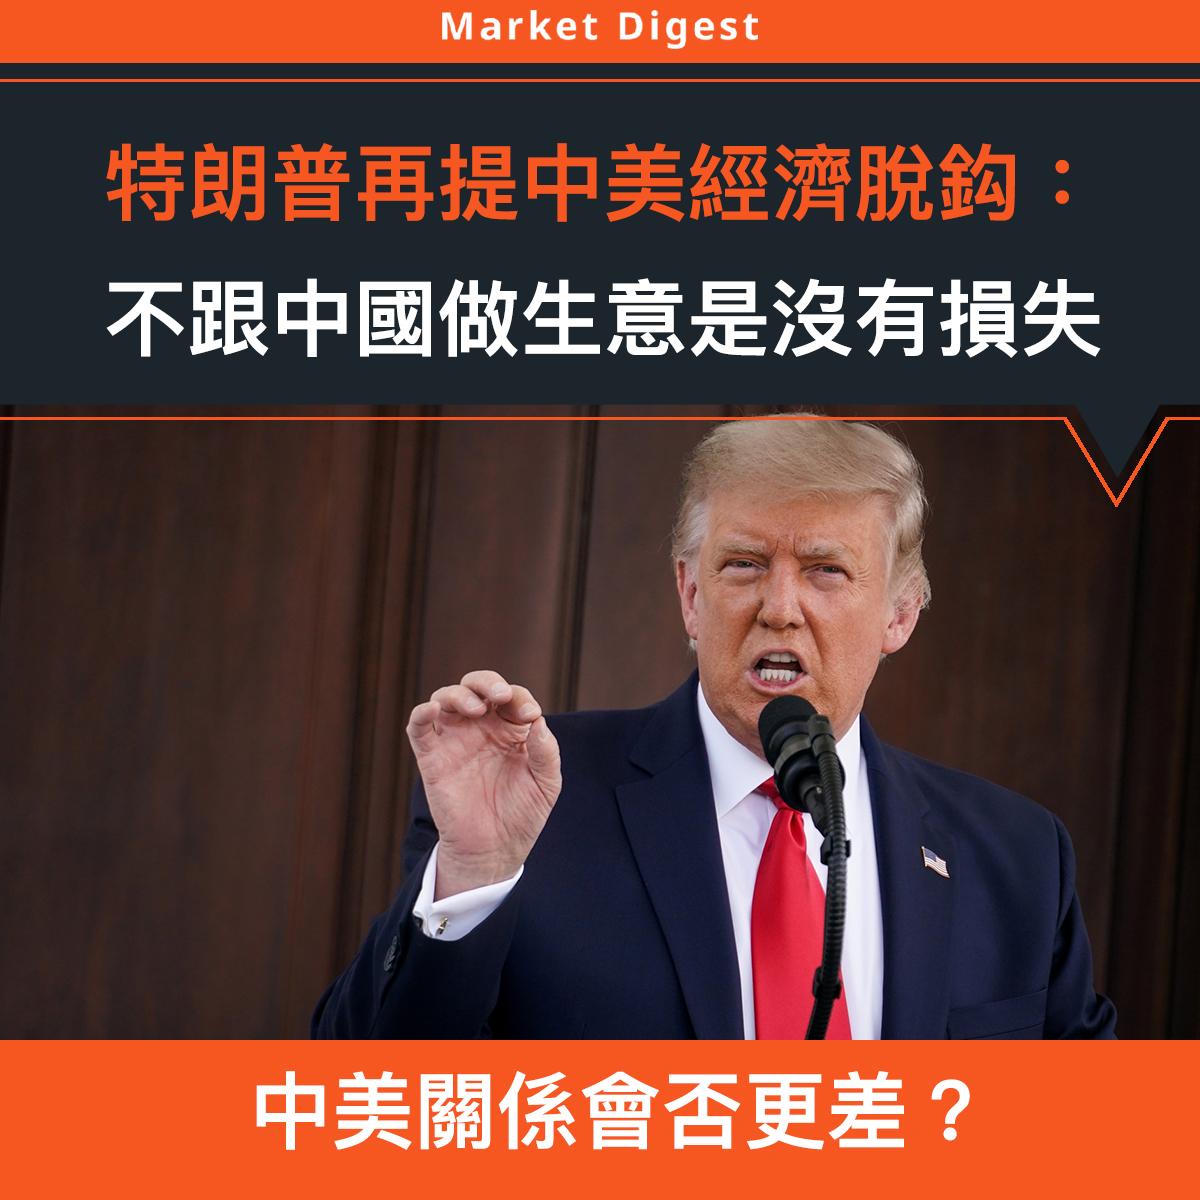 【市場熱話】特朗普再提中美經濟脫鈎:不跟中國做生意是沒有損失